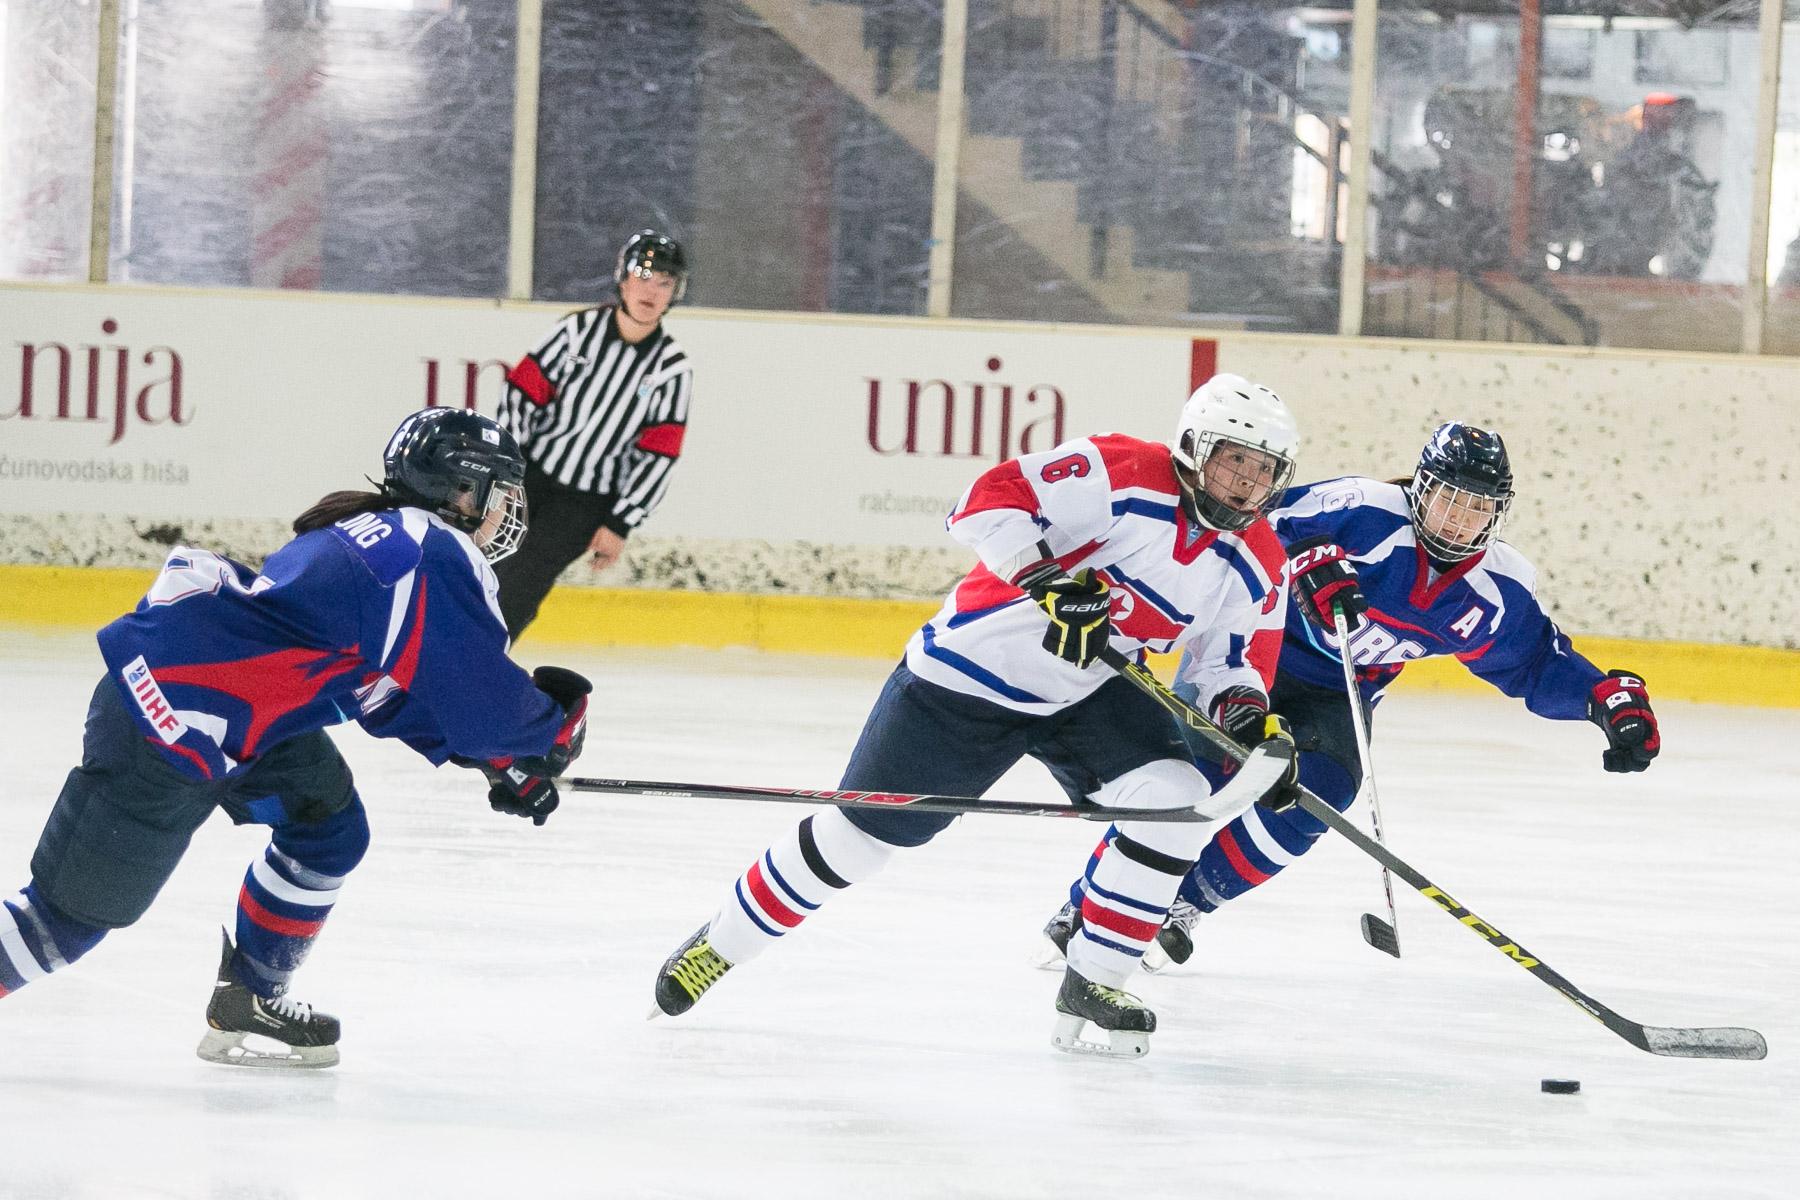 DPRKvsSouthKoreaWomenHockeyWC-photoLukaDakskobler-024